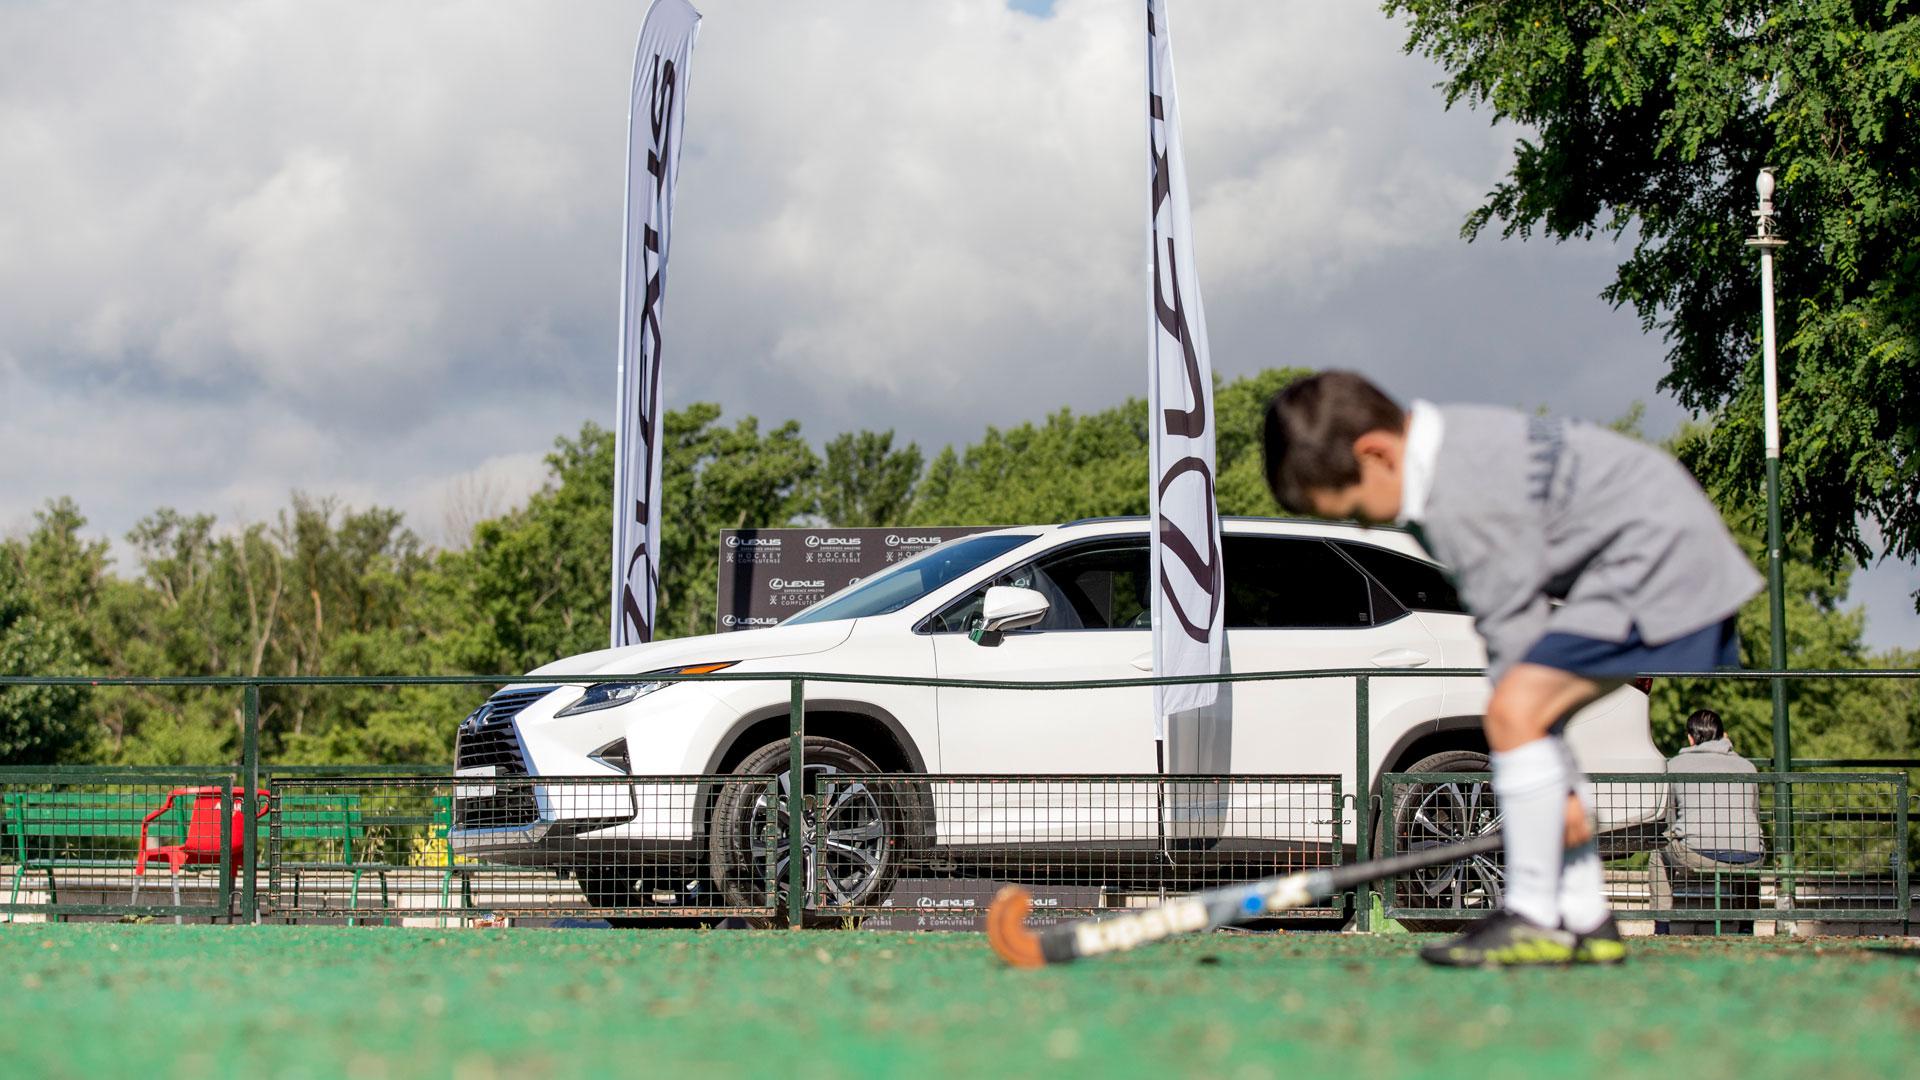 Imagen exterior del Lexus RX 450h y un niño empuñando un stick de hockey